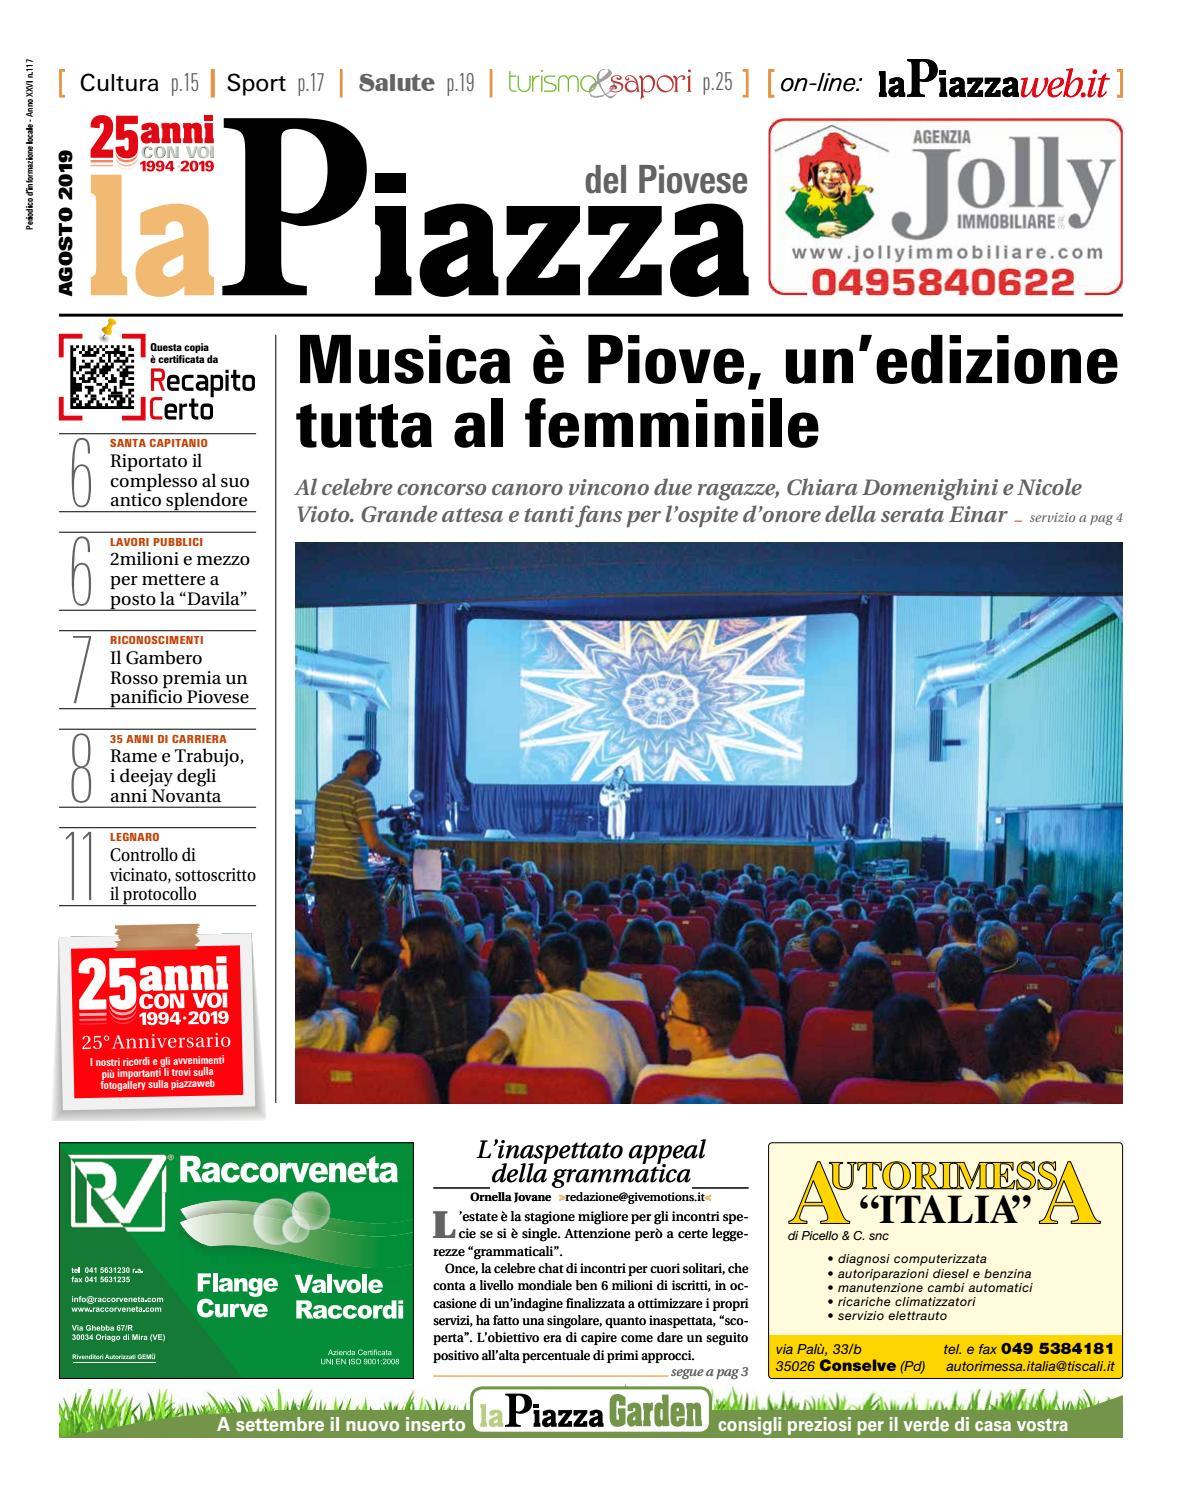 Servizi Sicurezza Italia Poviglio piovese ago2019 n117 by lapiazza give emotions - issuu